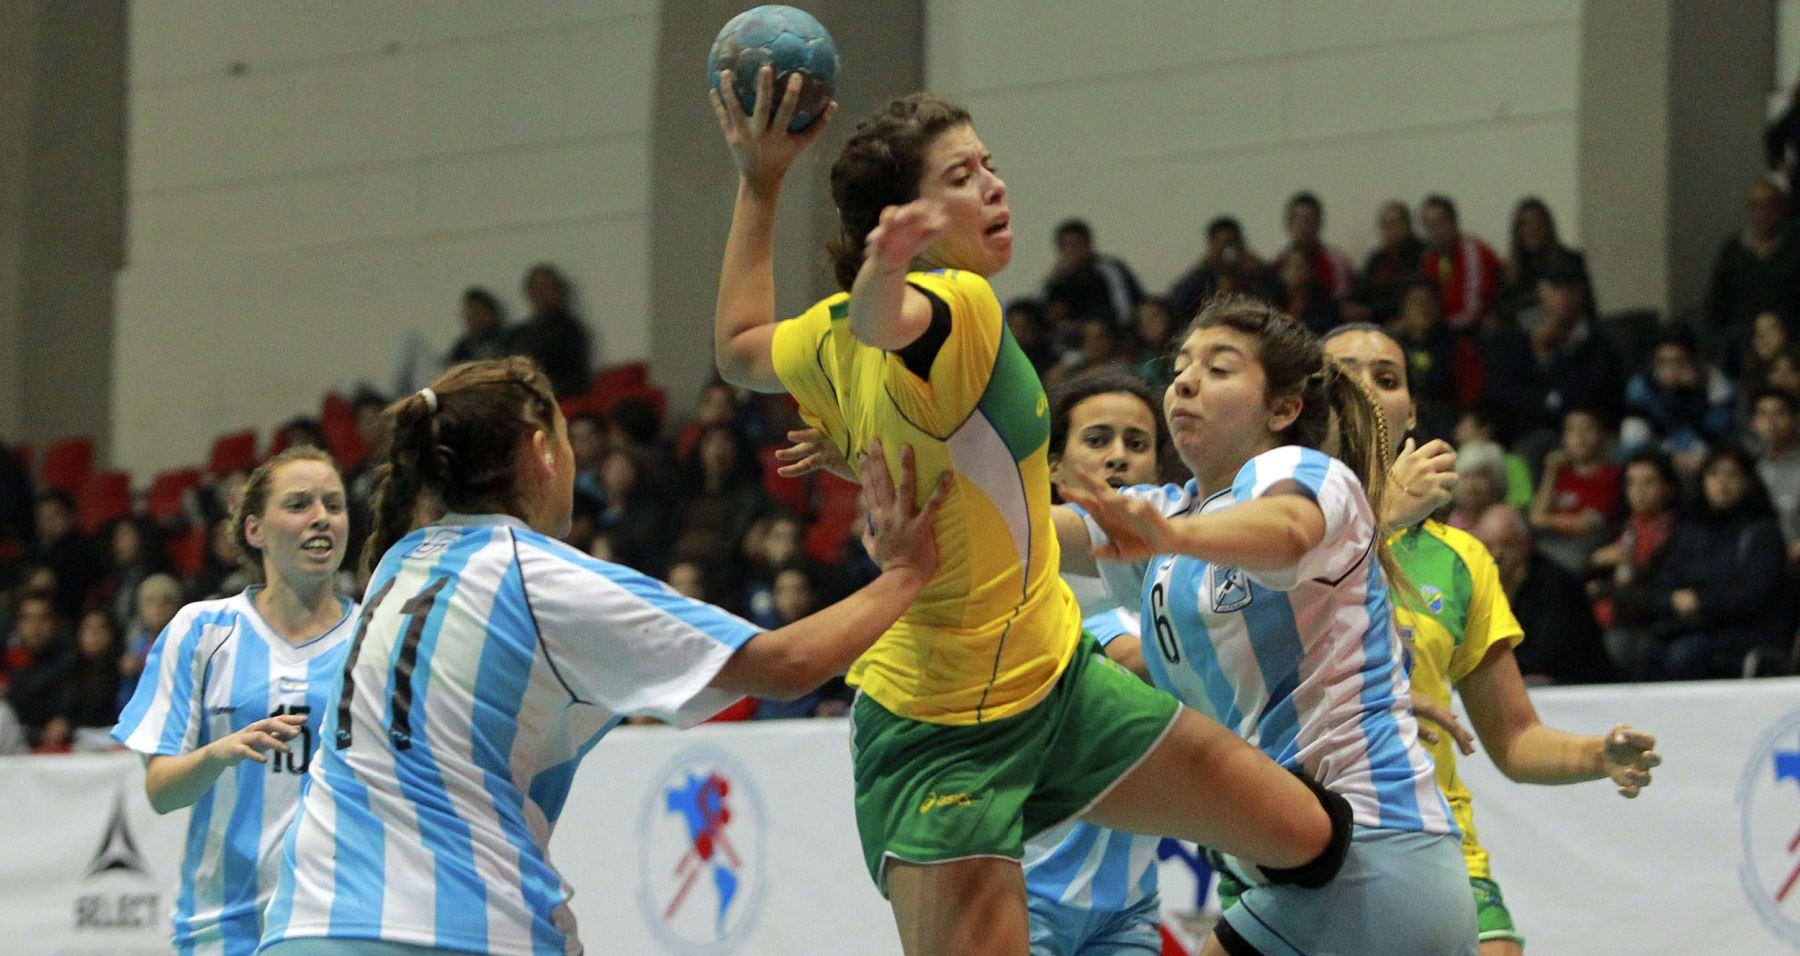 Las damas del balonmano serán las primeras en competir en los Juegos Panamericanos Lima 2019.